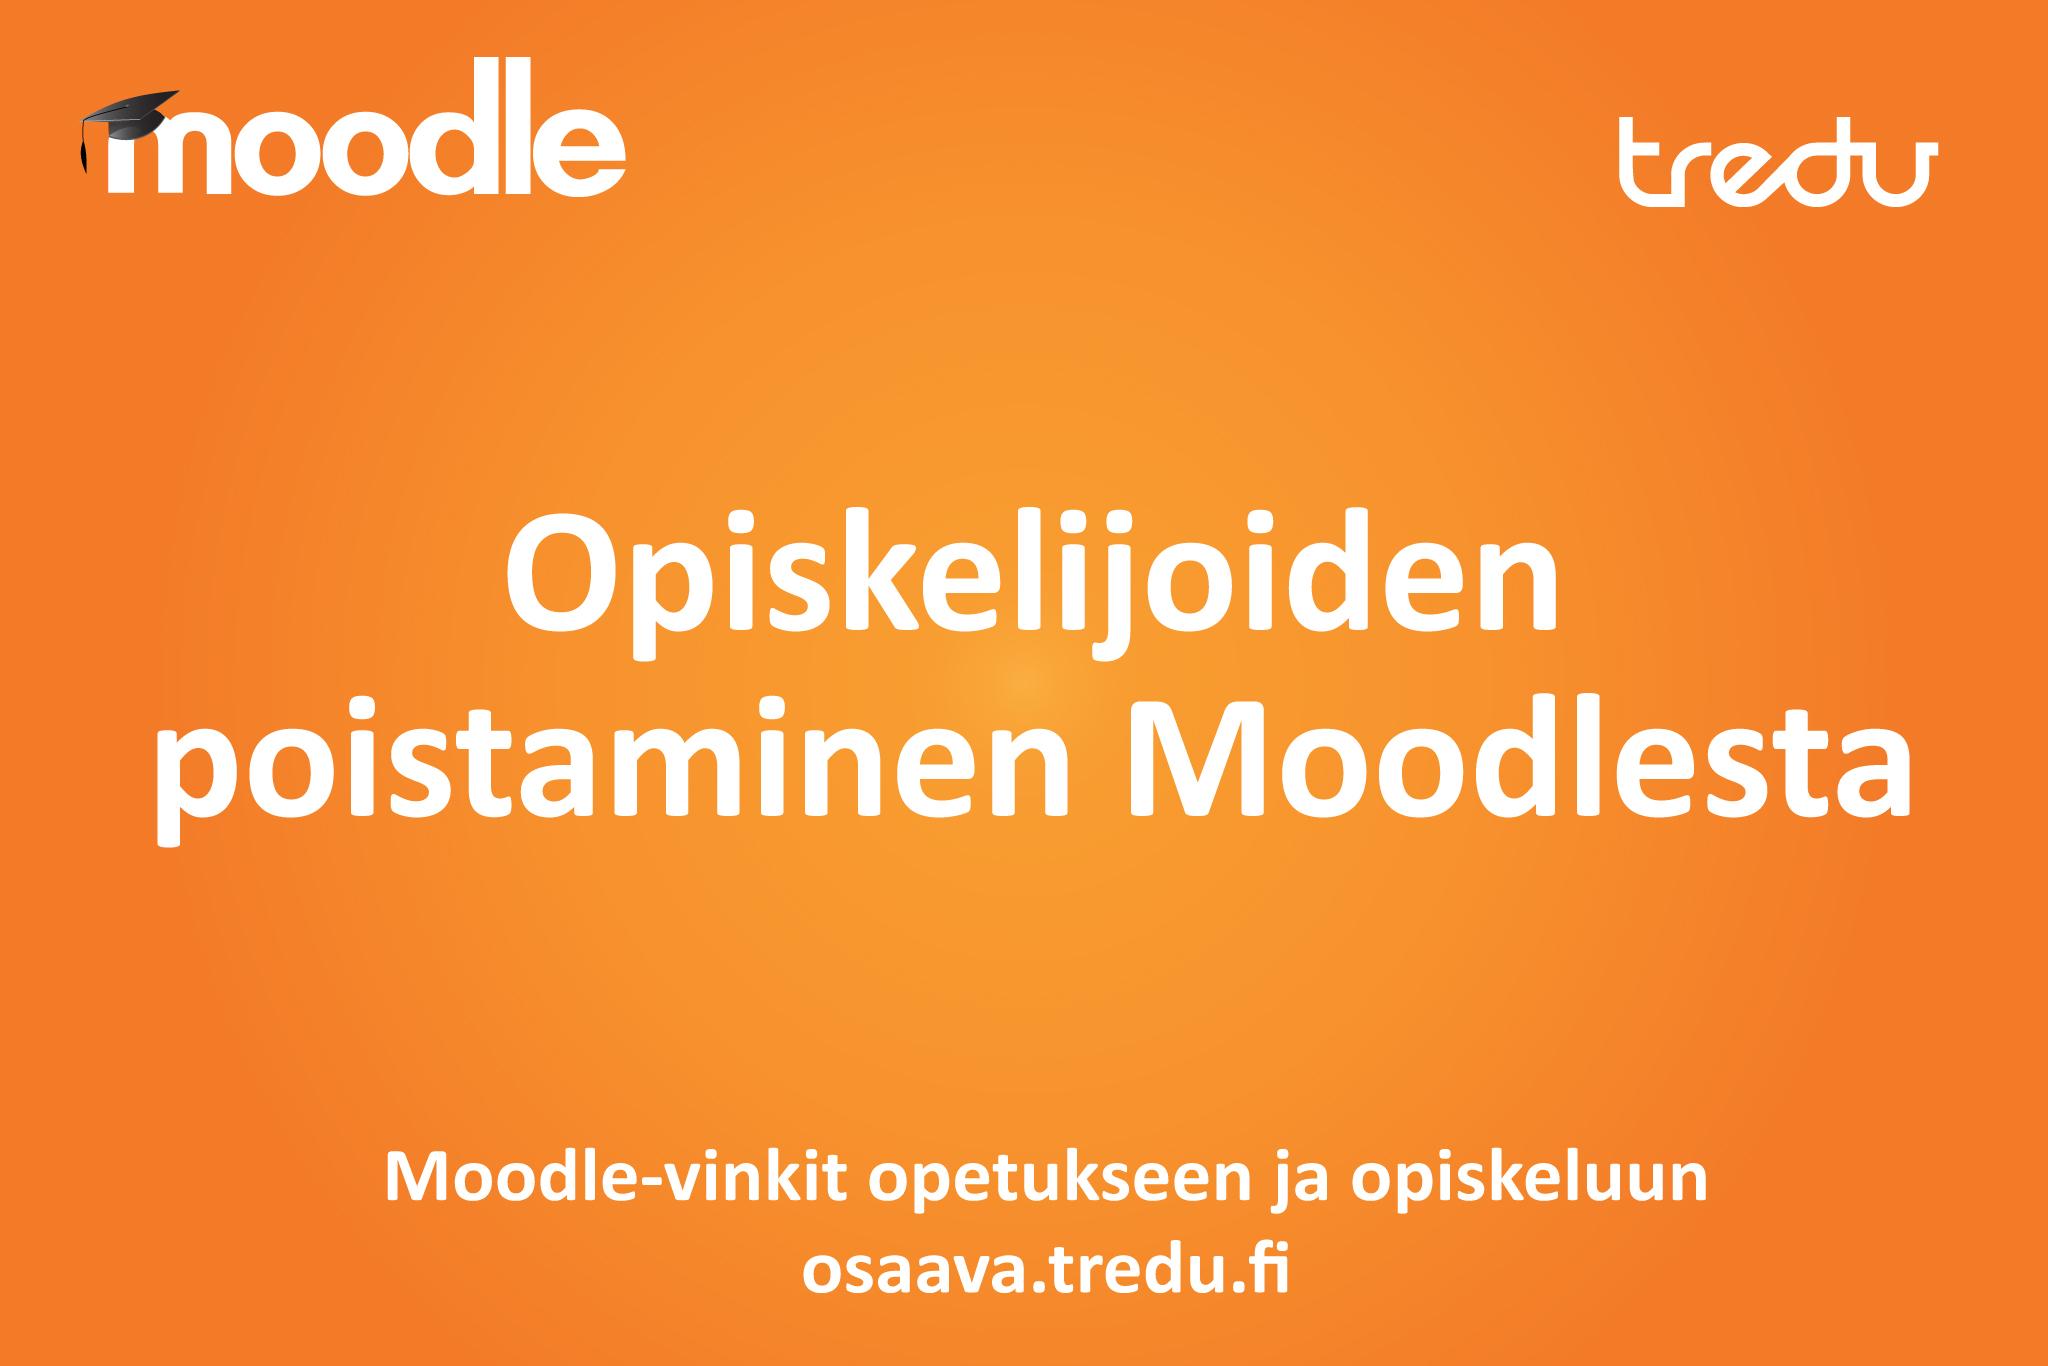 Opiskelijoiden poistaminen Moodlesta.